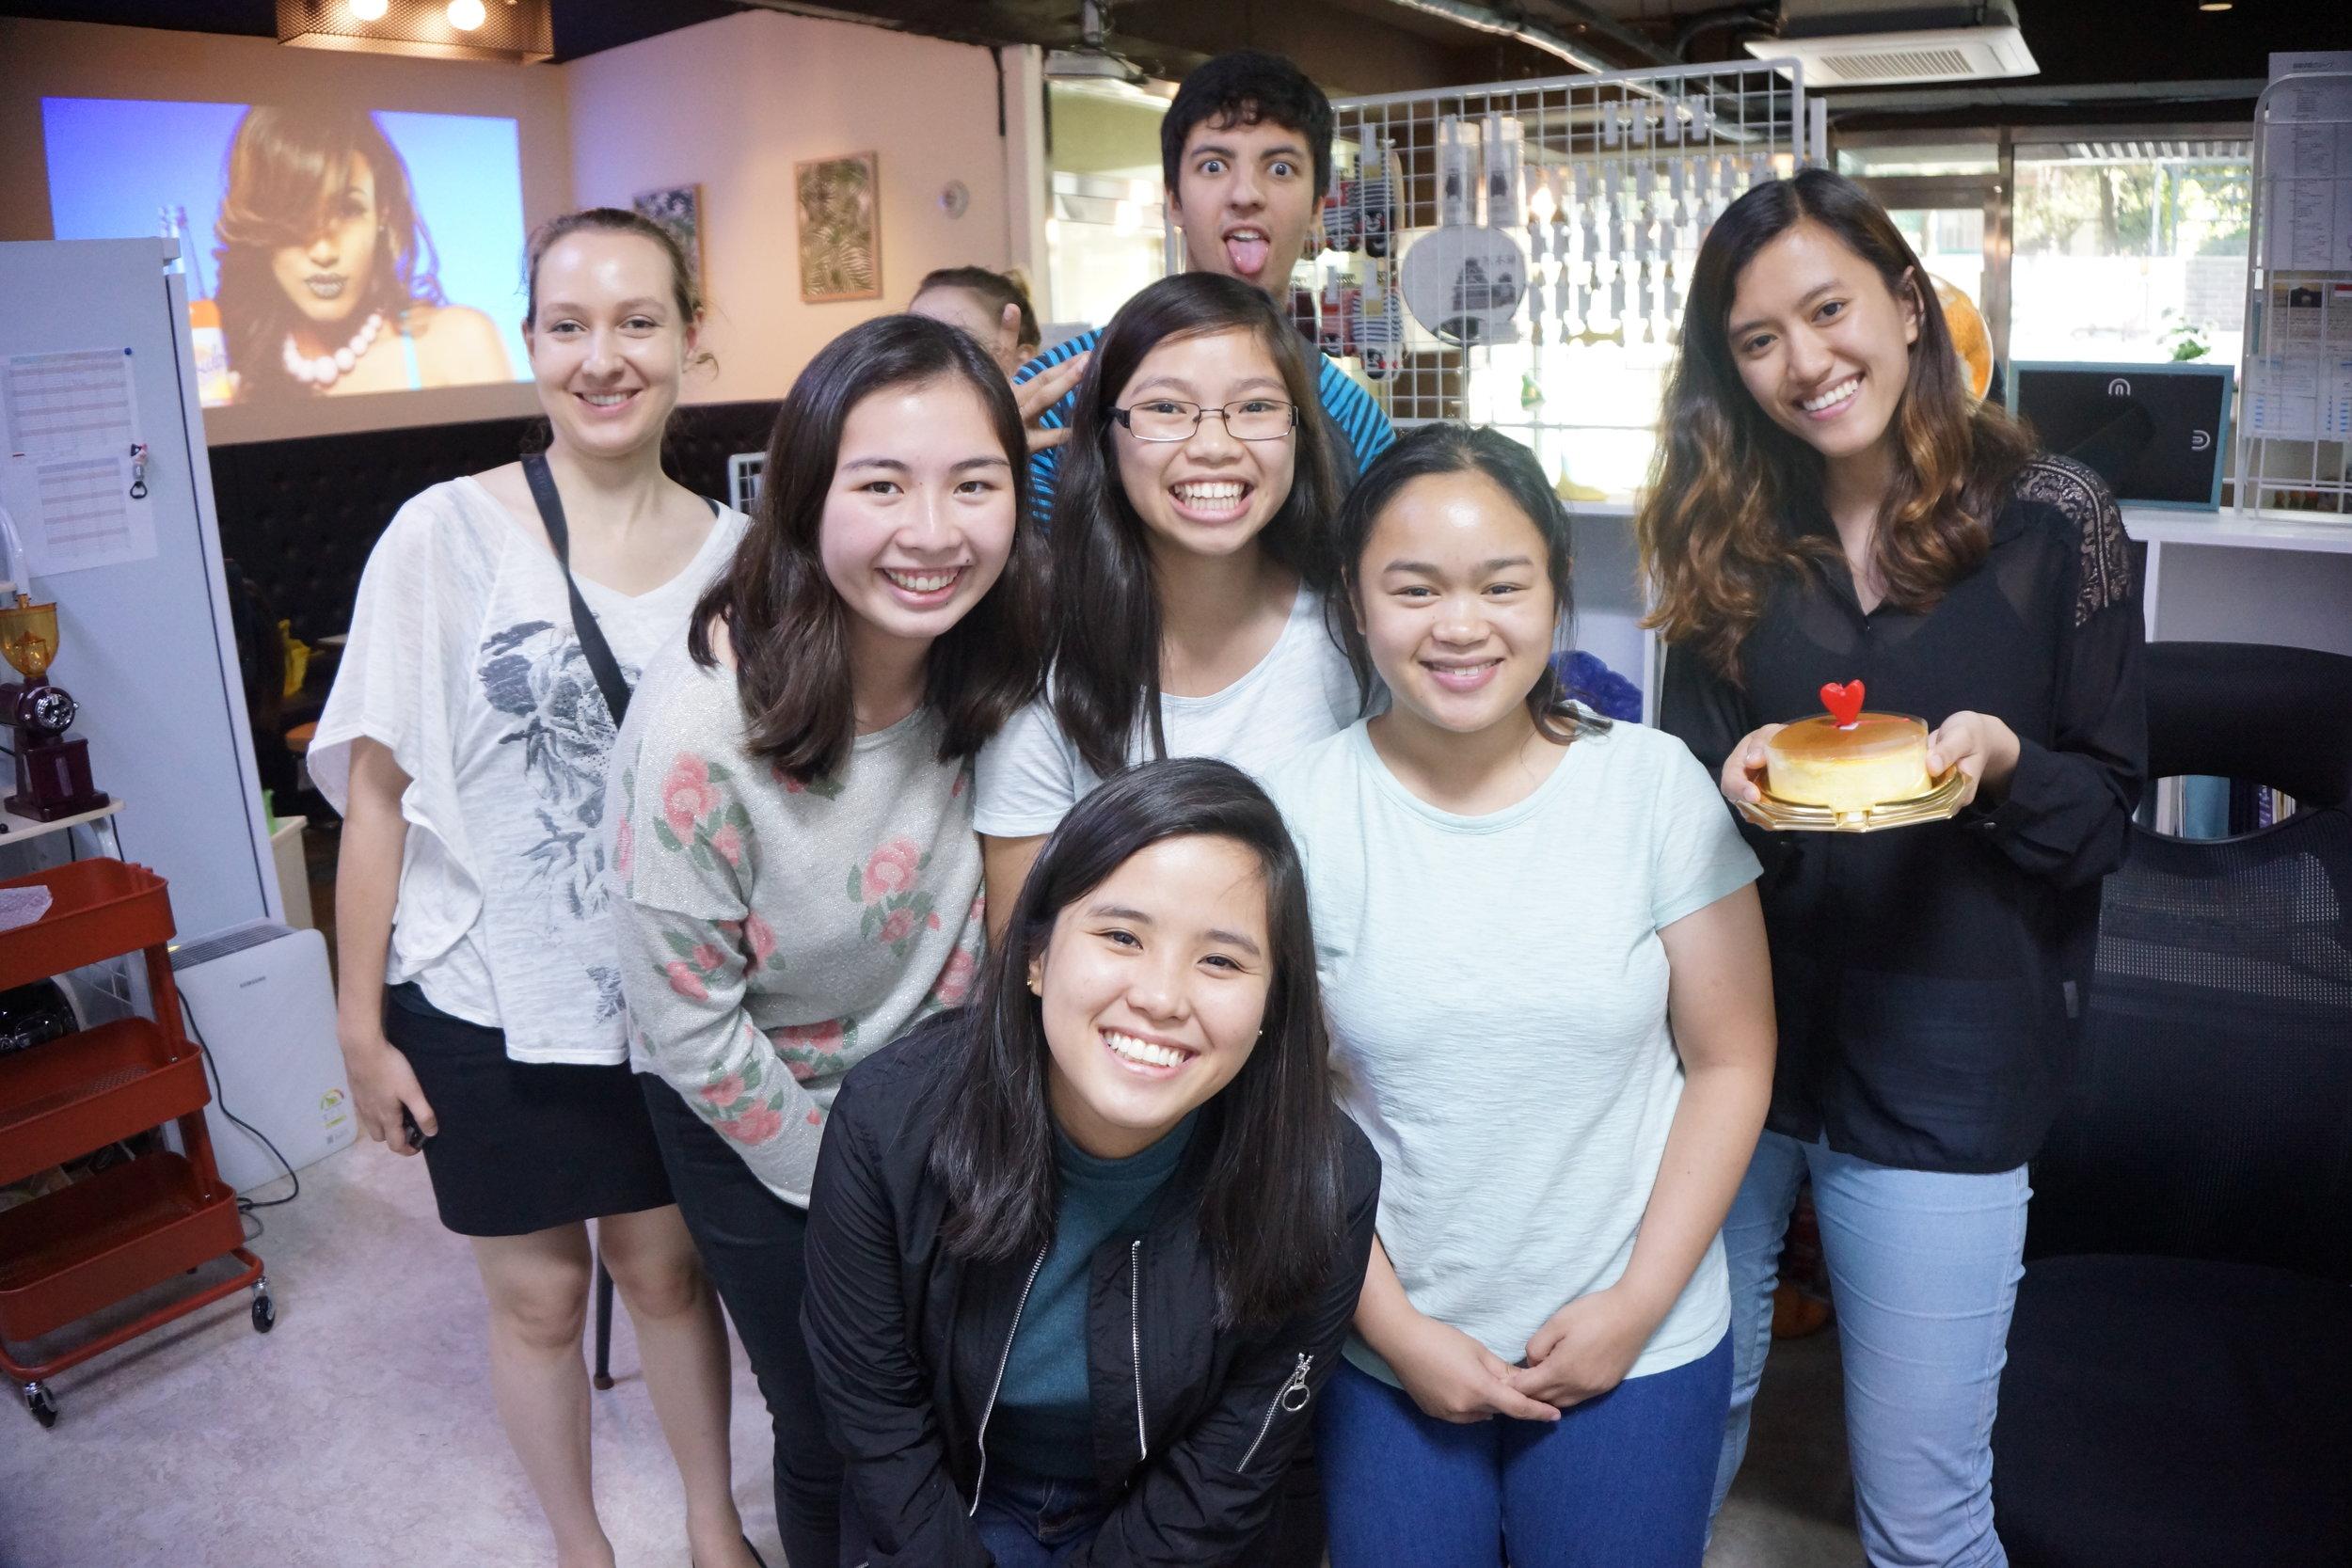 Các hoạt động tại Acopia Cafe - Chương trình thực tập-Nói chuyện miễn phí với các thực tập sinh đến từ nhiều nước khác nhau-Sự kiện văn hóa-Chương trình trao đổi ngôn ngữ-Bán các Sản phẩm về Kumamon- Phục vụ các loại đồ uống và đồ ăn vặt